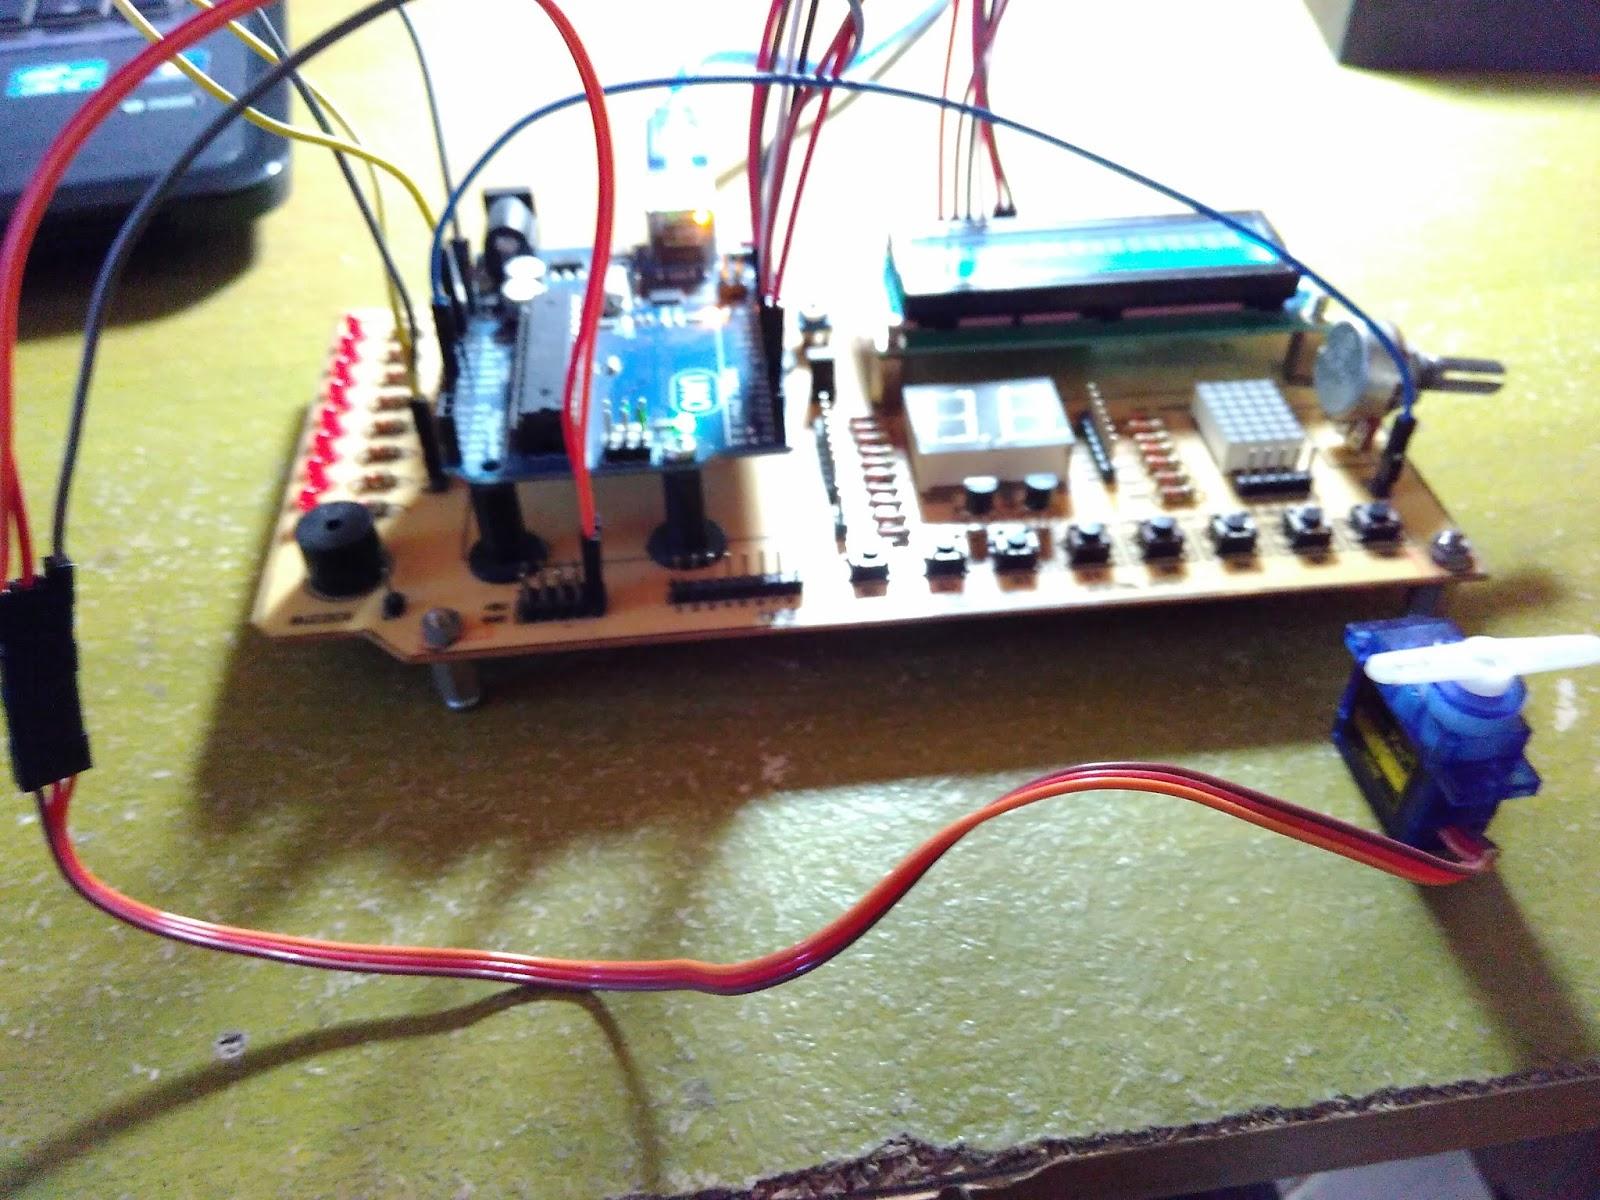 Wiring Potentiometer To Dc Motor